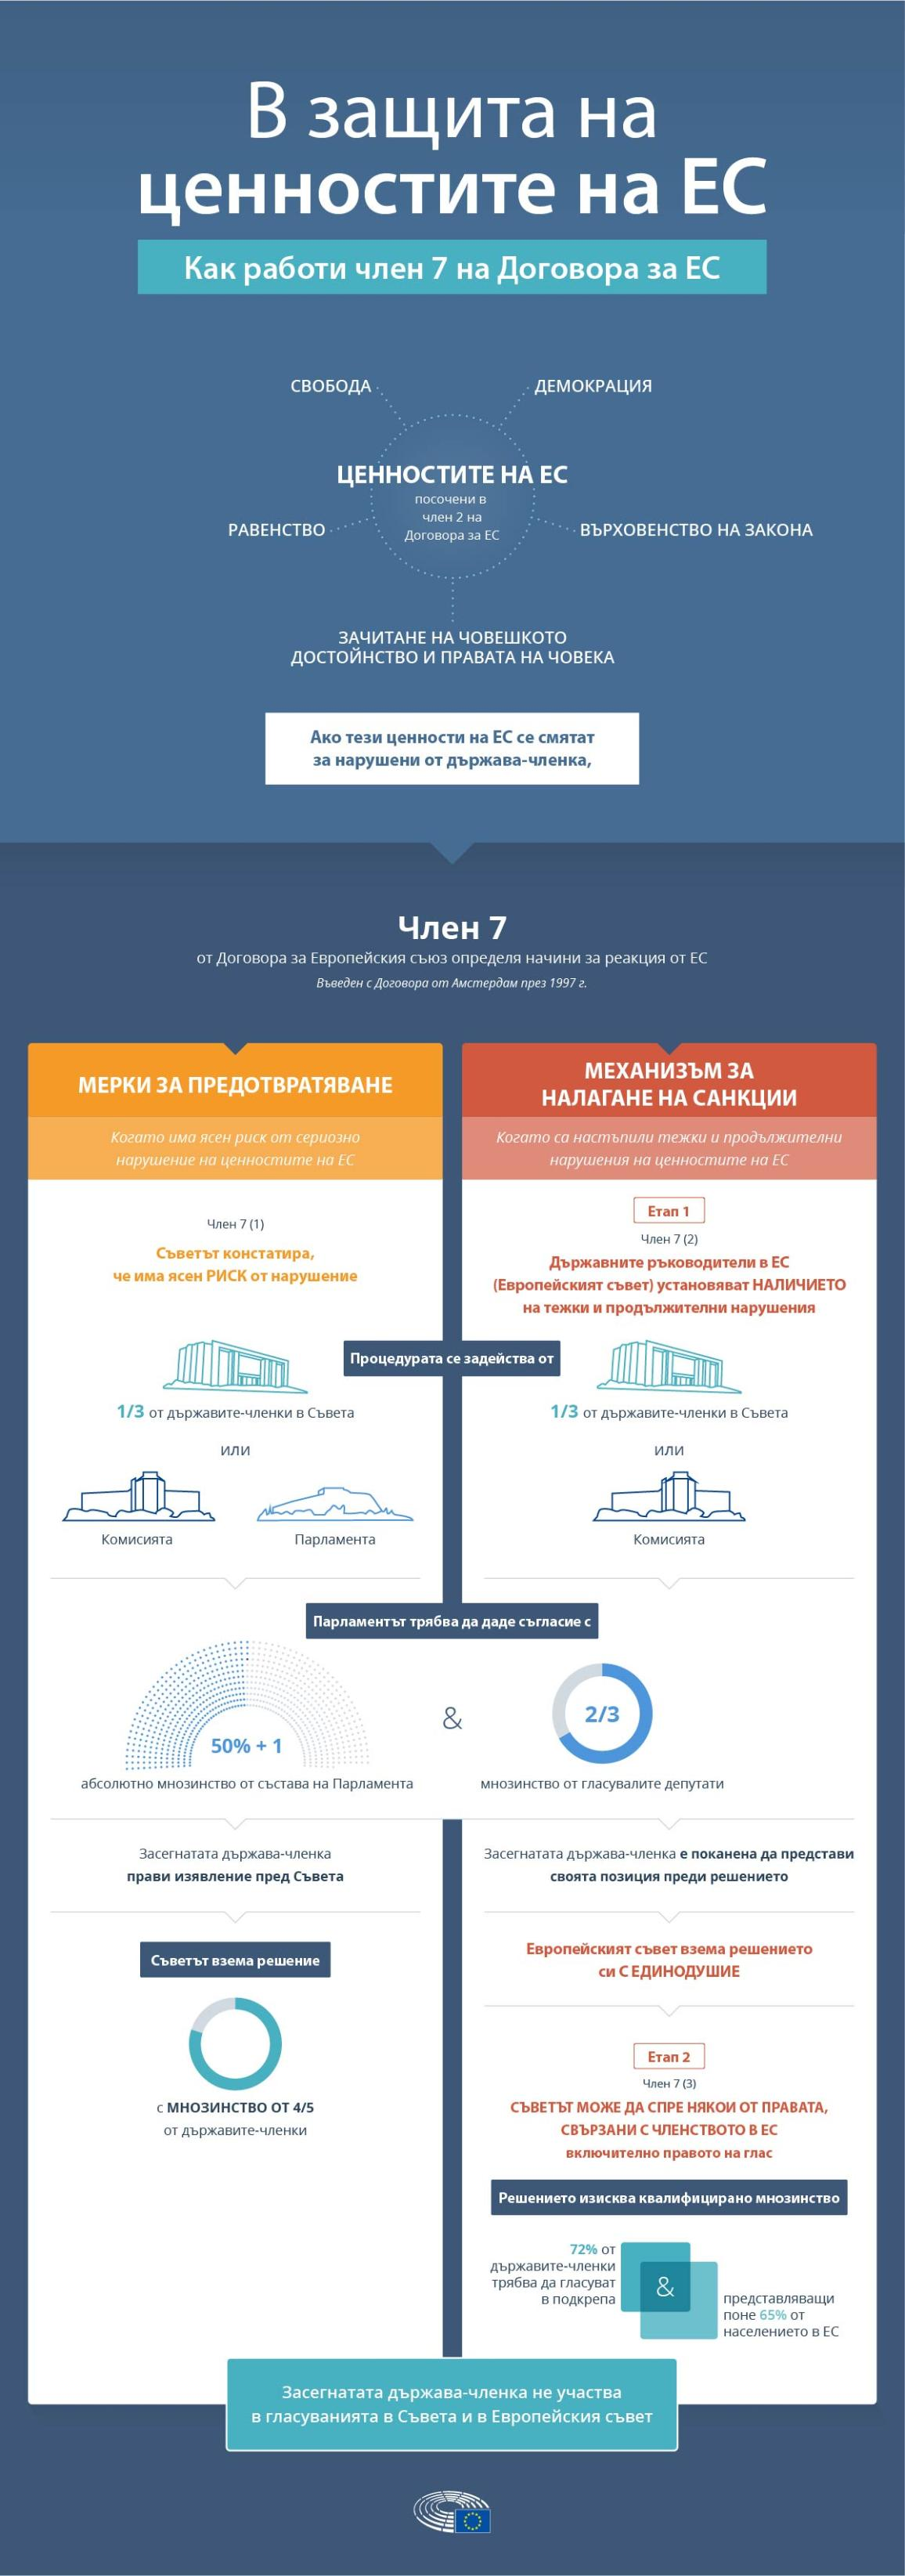 Инфографика: Как работи процедурата по член 7 на Договора за ЕС